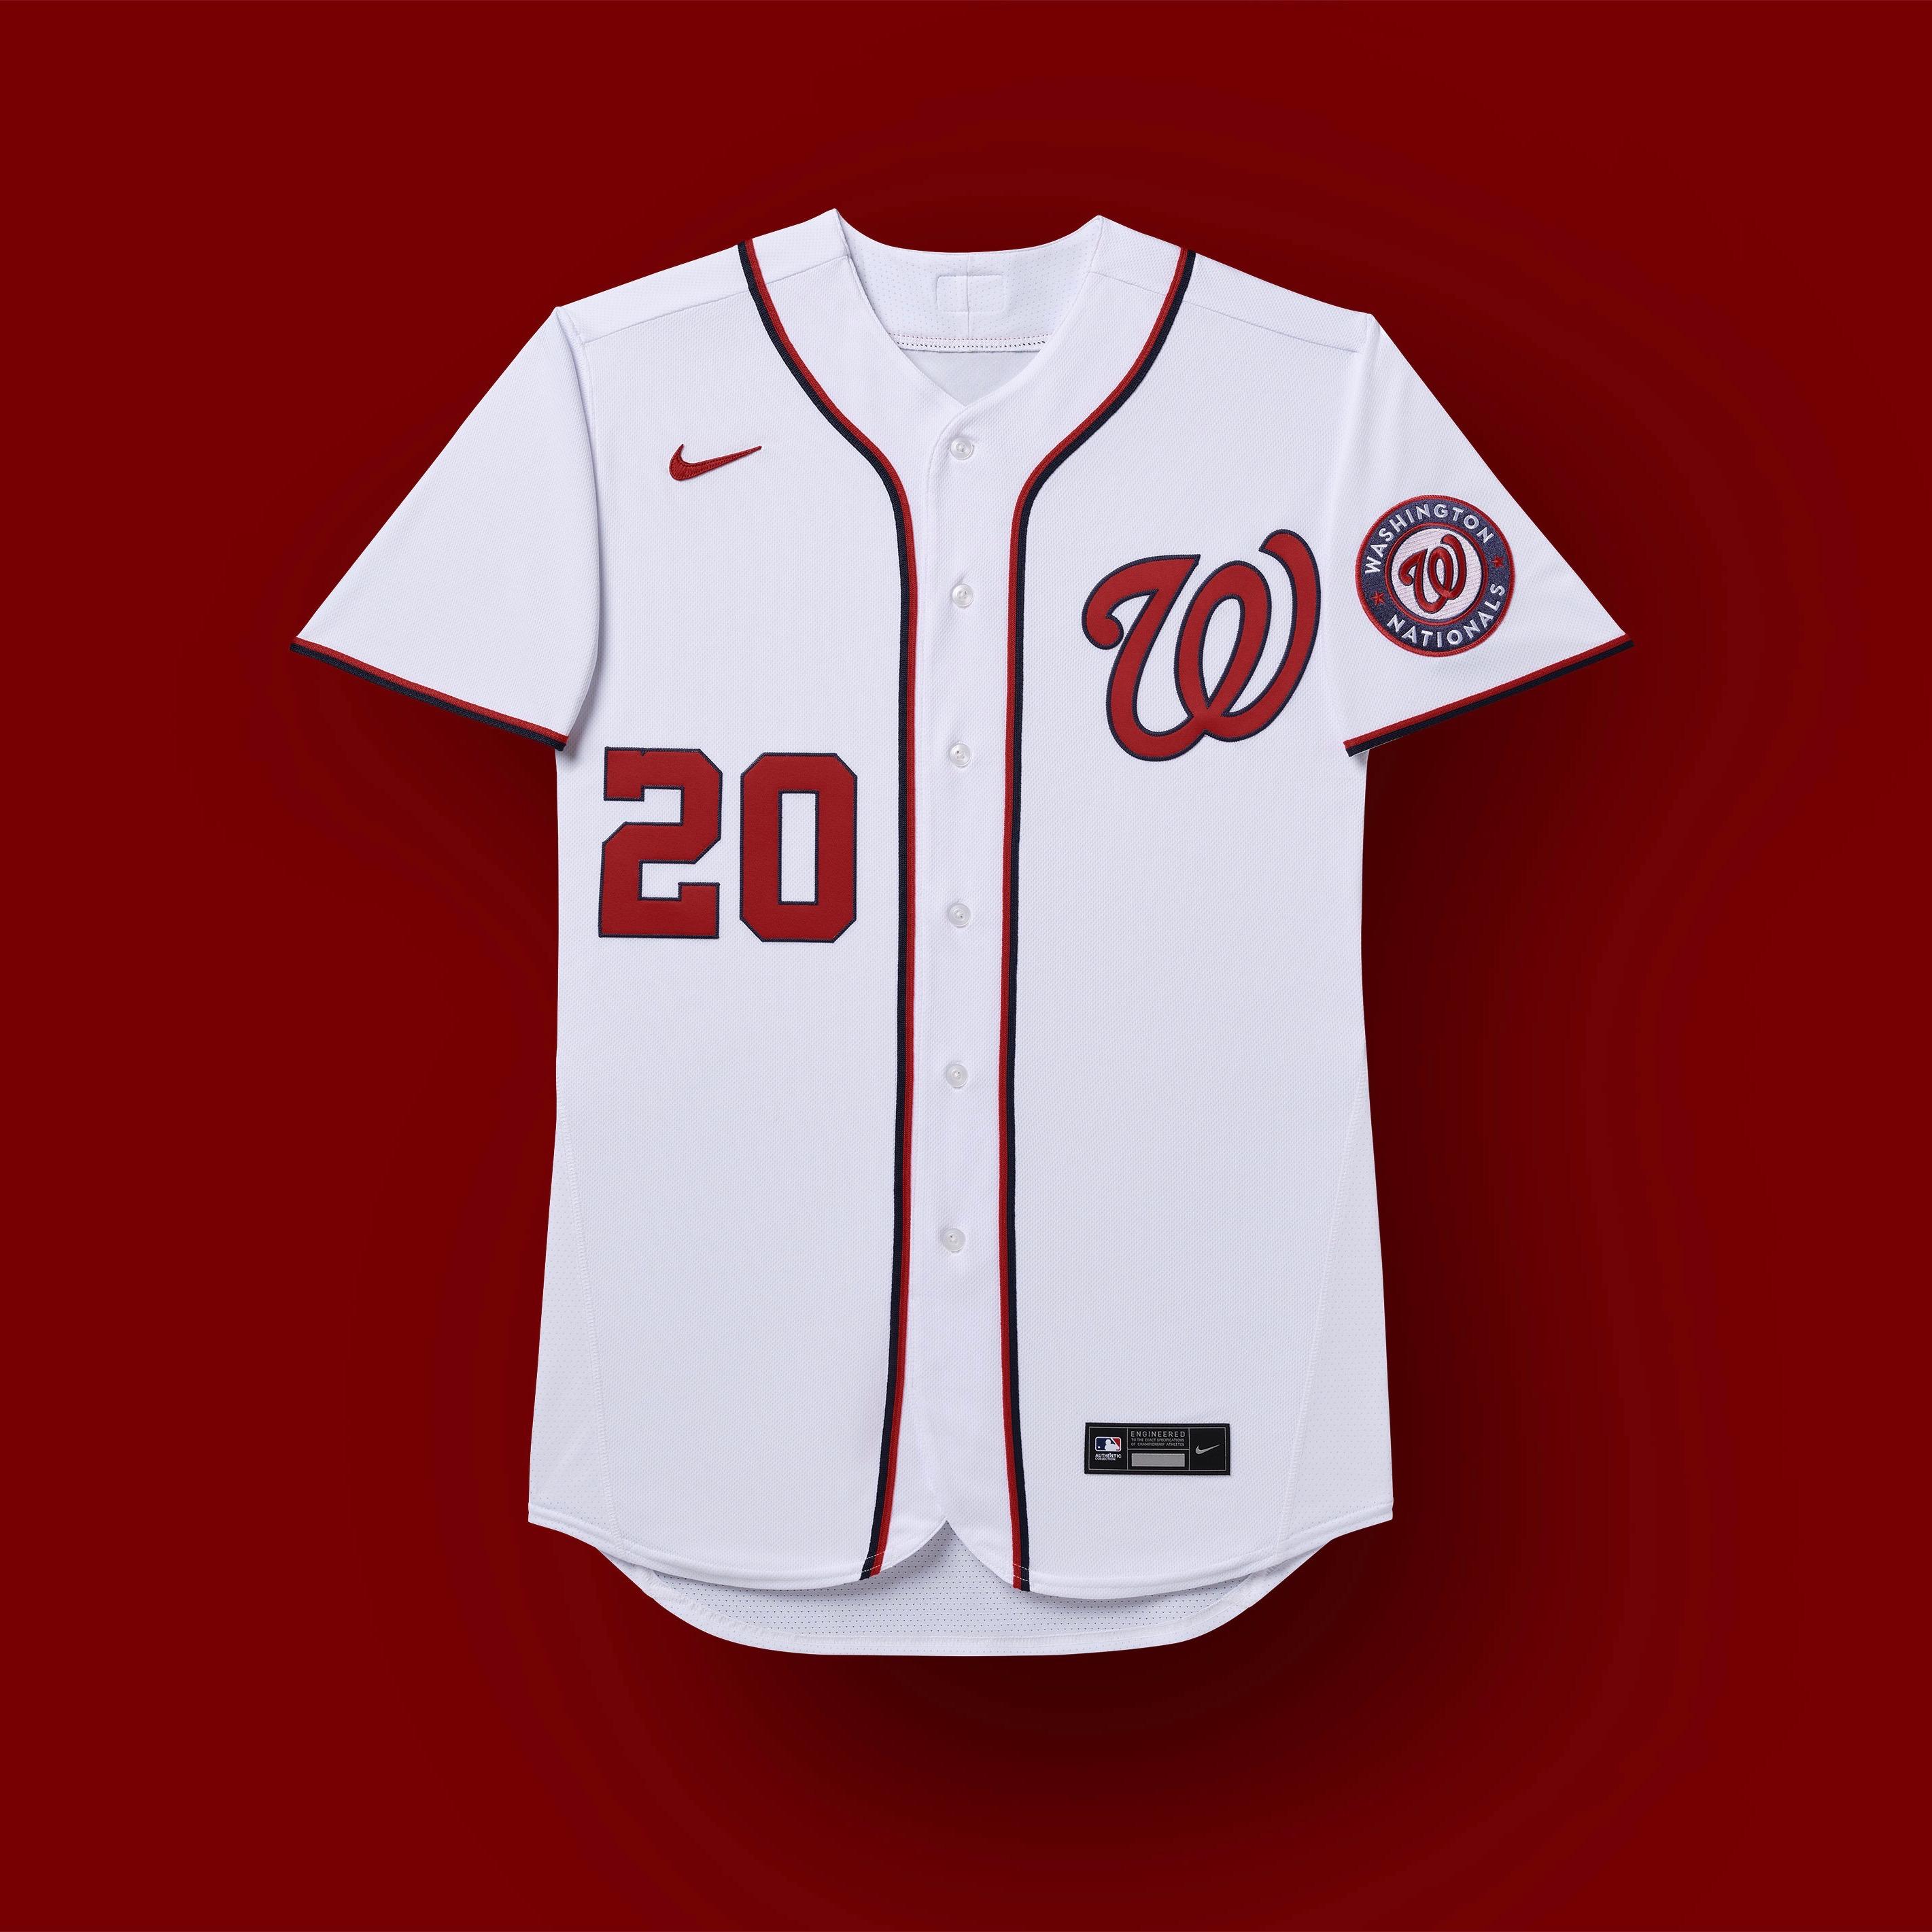 nacionales de washington 2020 uniformes